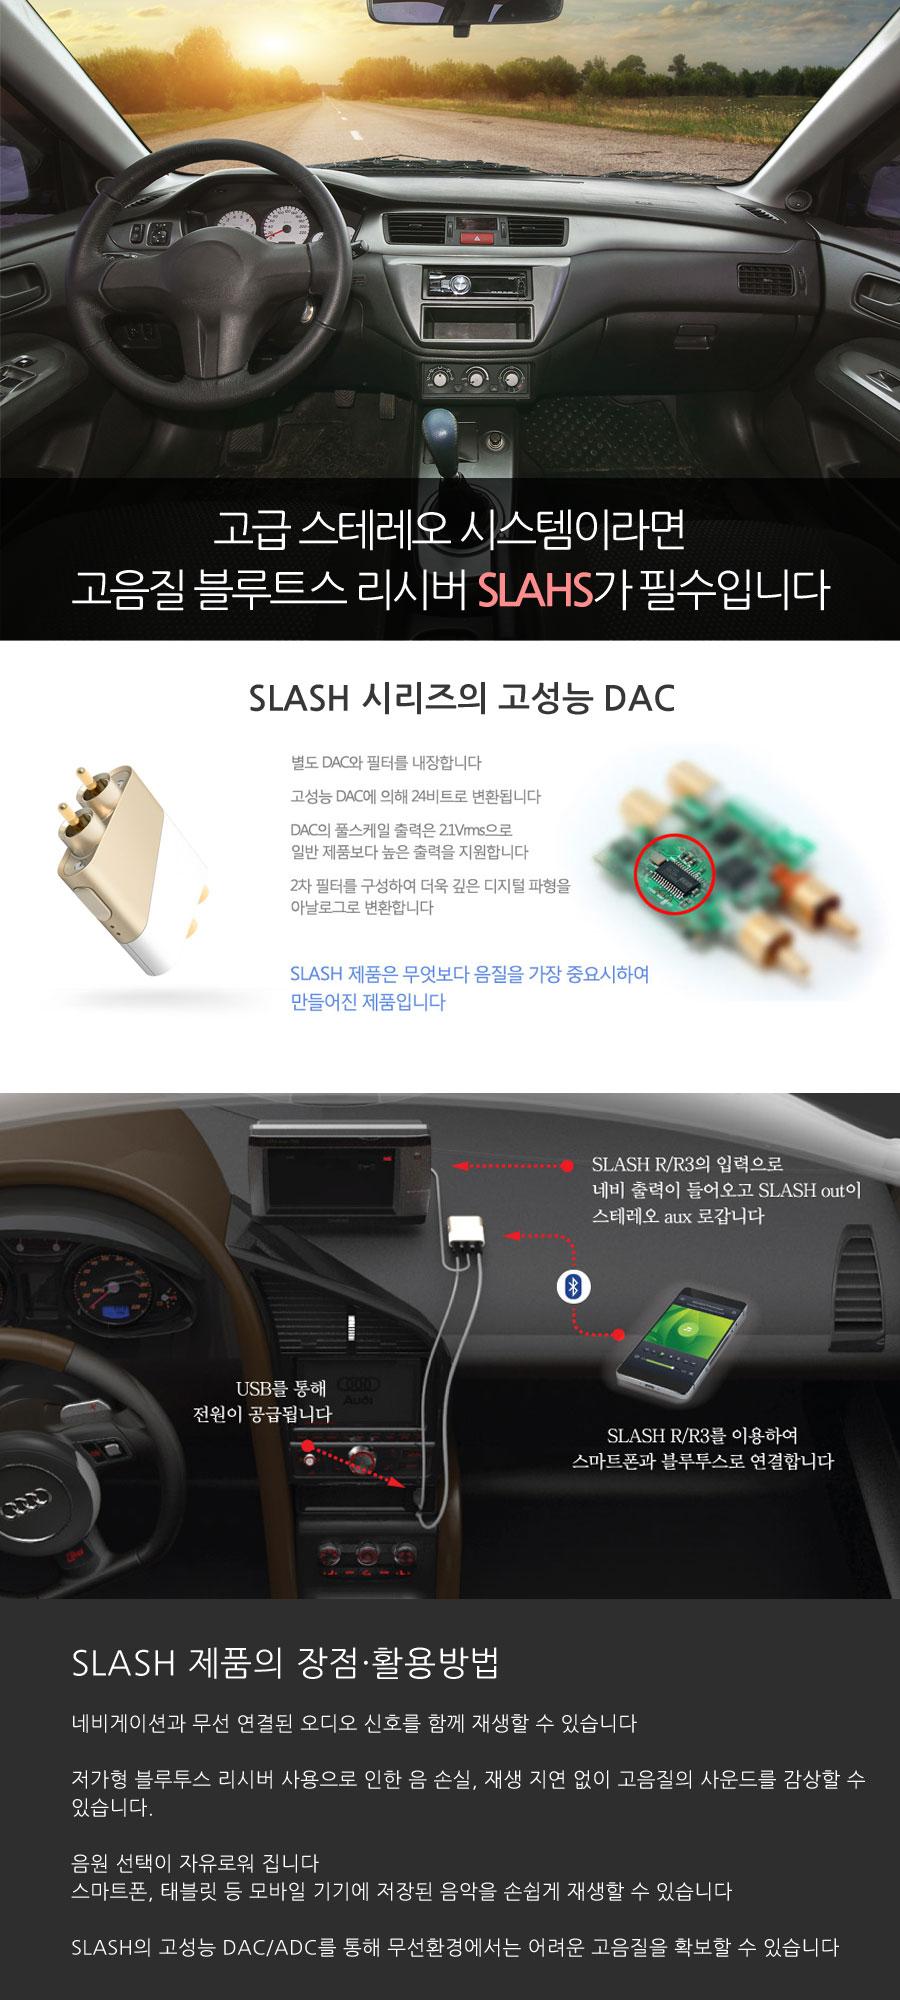 차량용 블루투스 리시버 사용법, SLASH 제품만의 고음질 재생 환경